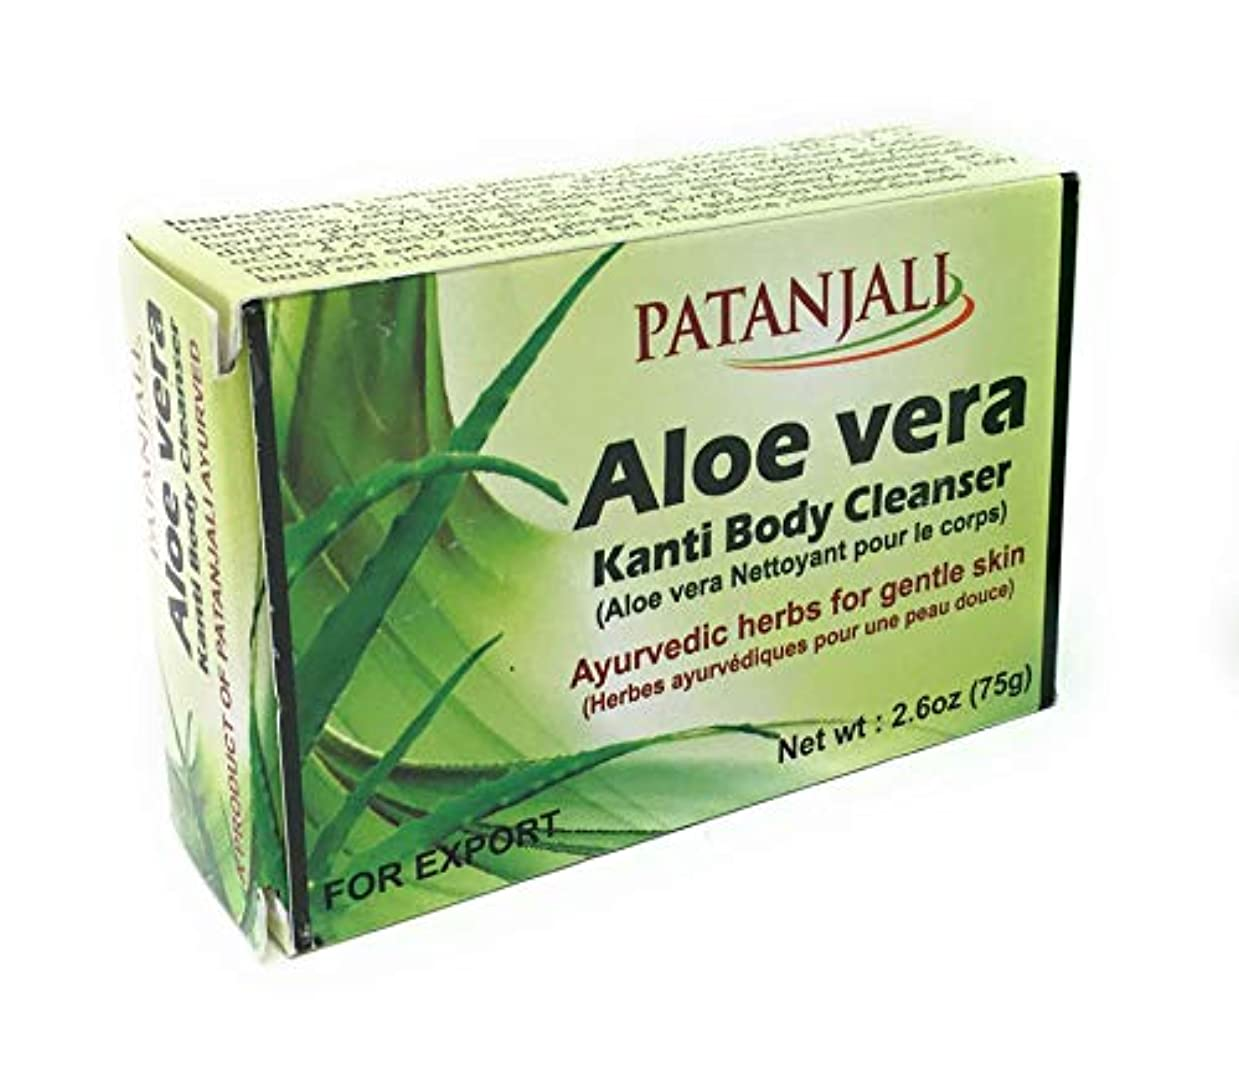 言う許容できる瀬戸際パタンジャリ アロエベラソープ 75g×2個 アーユルヴェーダ インド産 Aloevera Kanty Body Cleanser Ayurveda Patanjali India